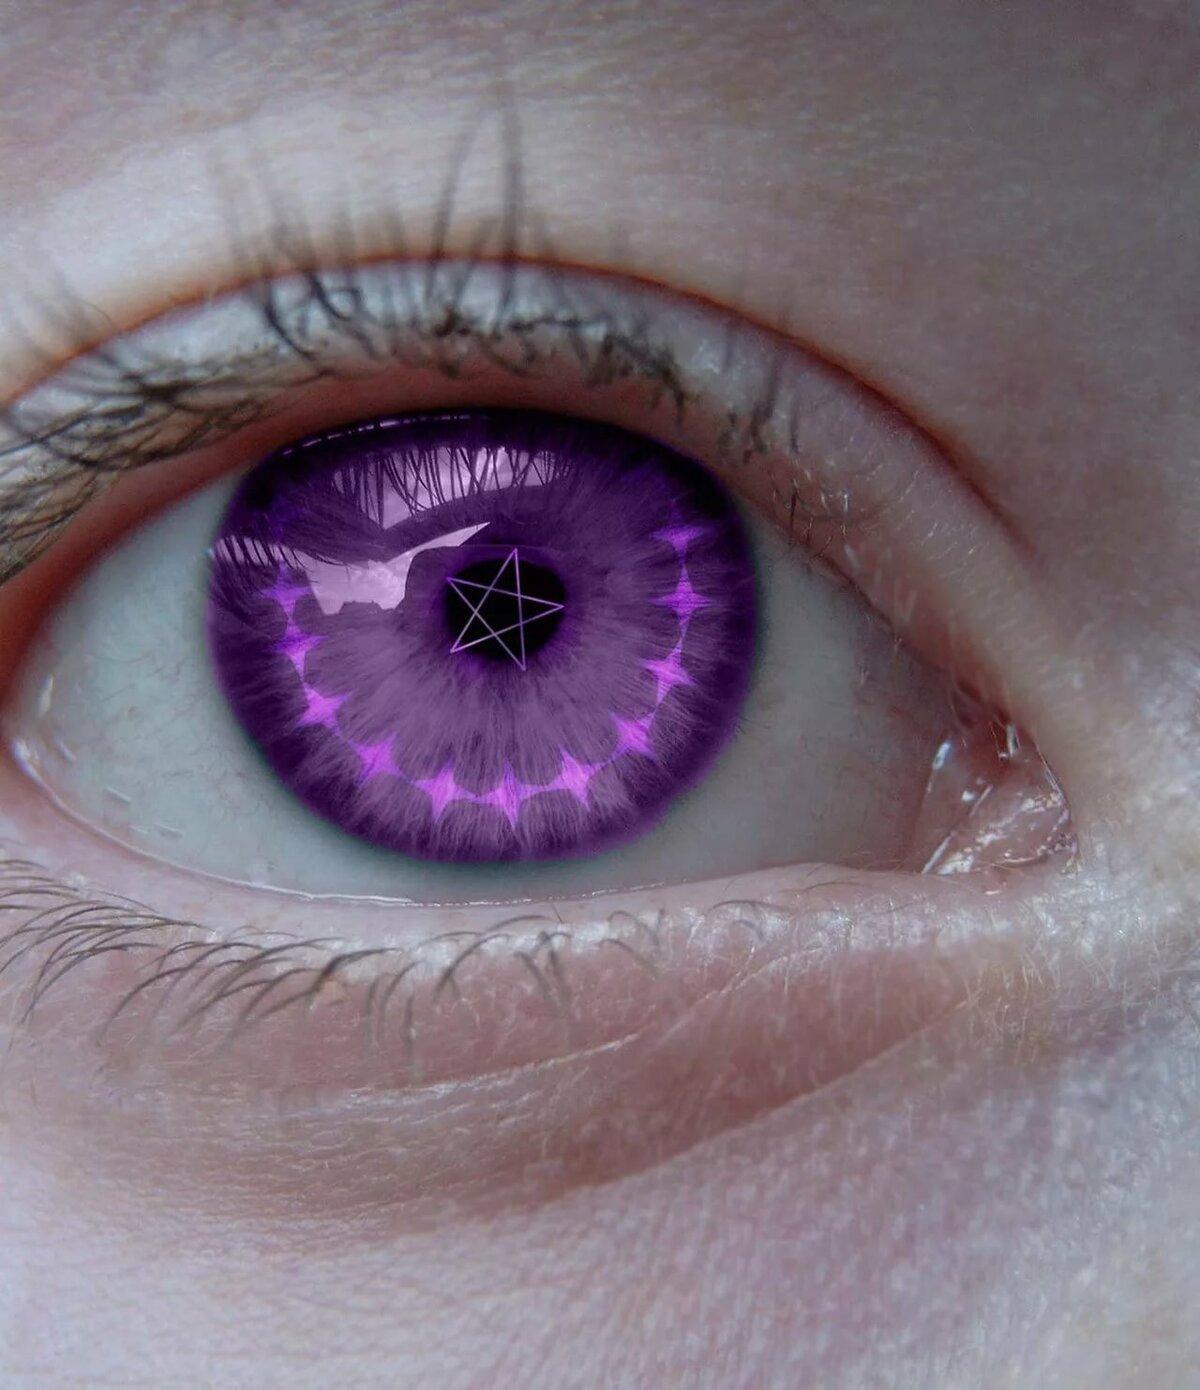 снимке журнале картинки фиолетовые глаза у человека тут